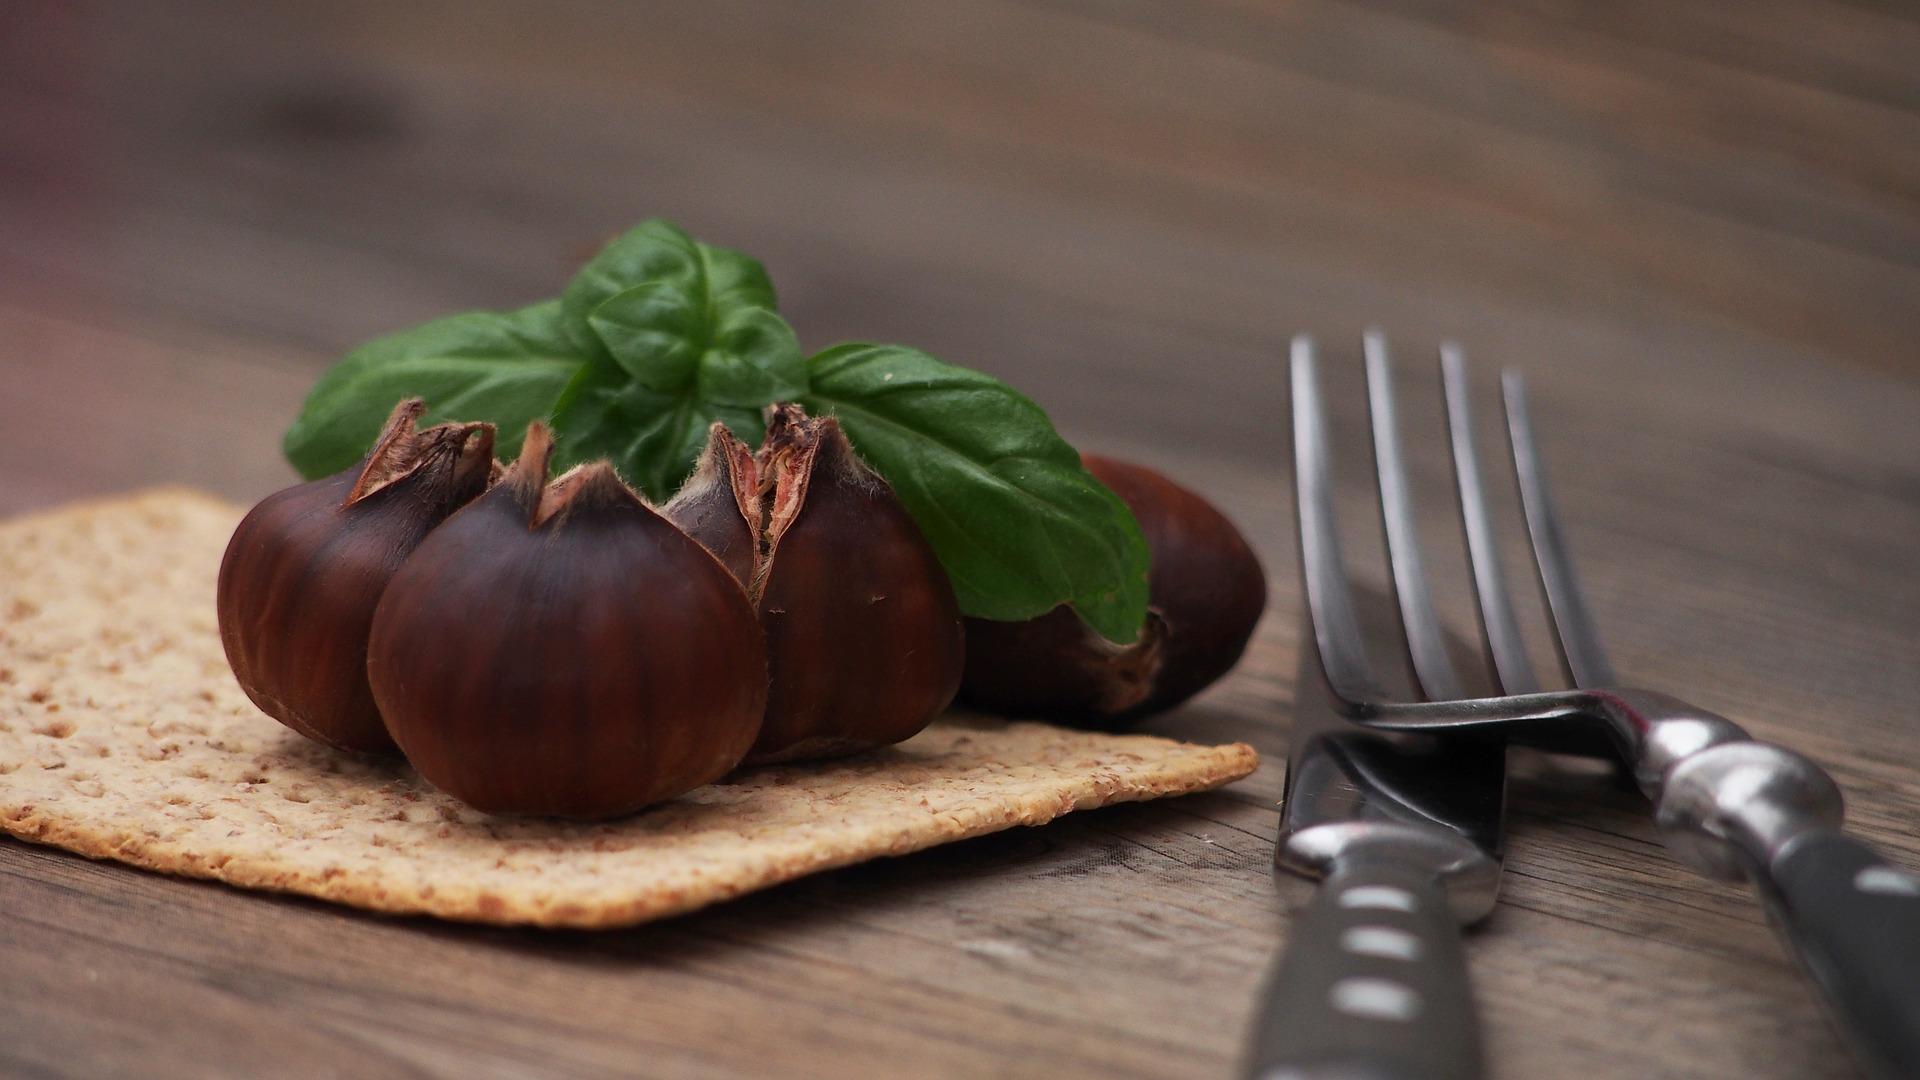 Roasted Chestnuts   Image Credit: Holgersfotografie pixabay.com